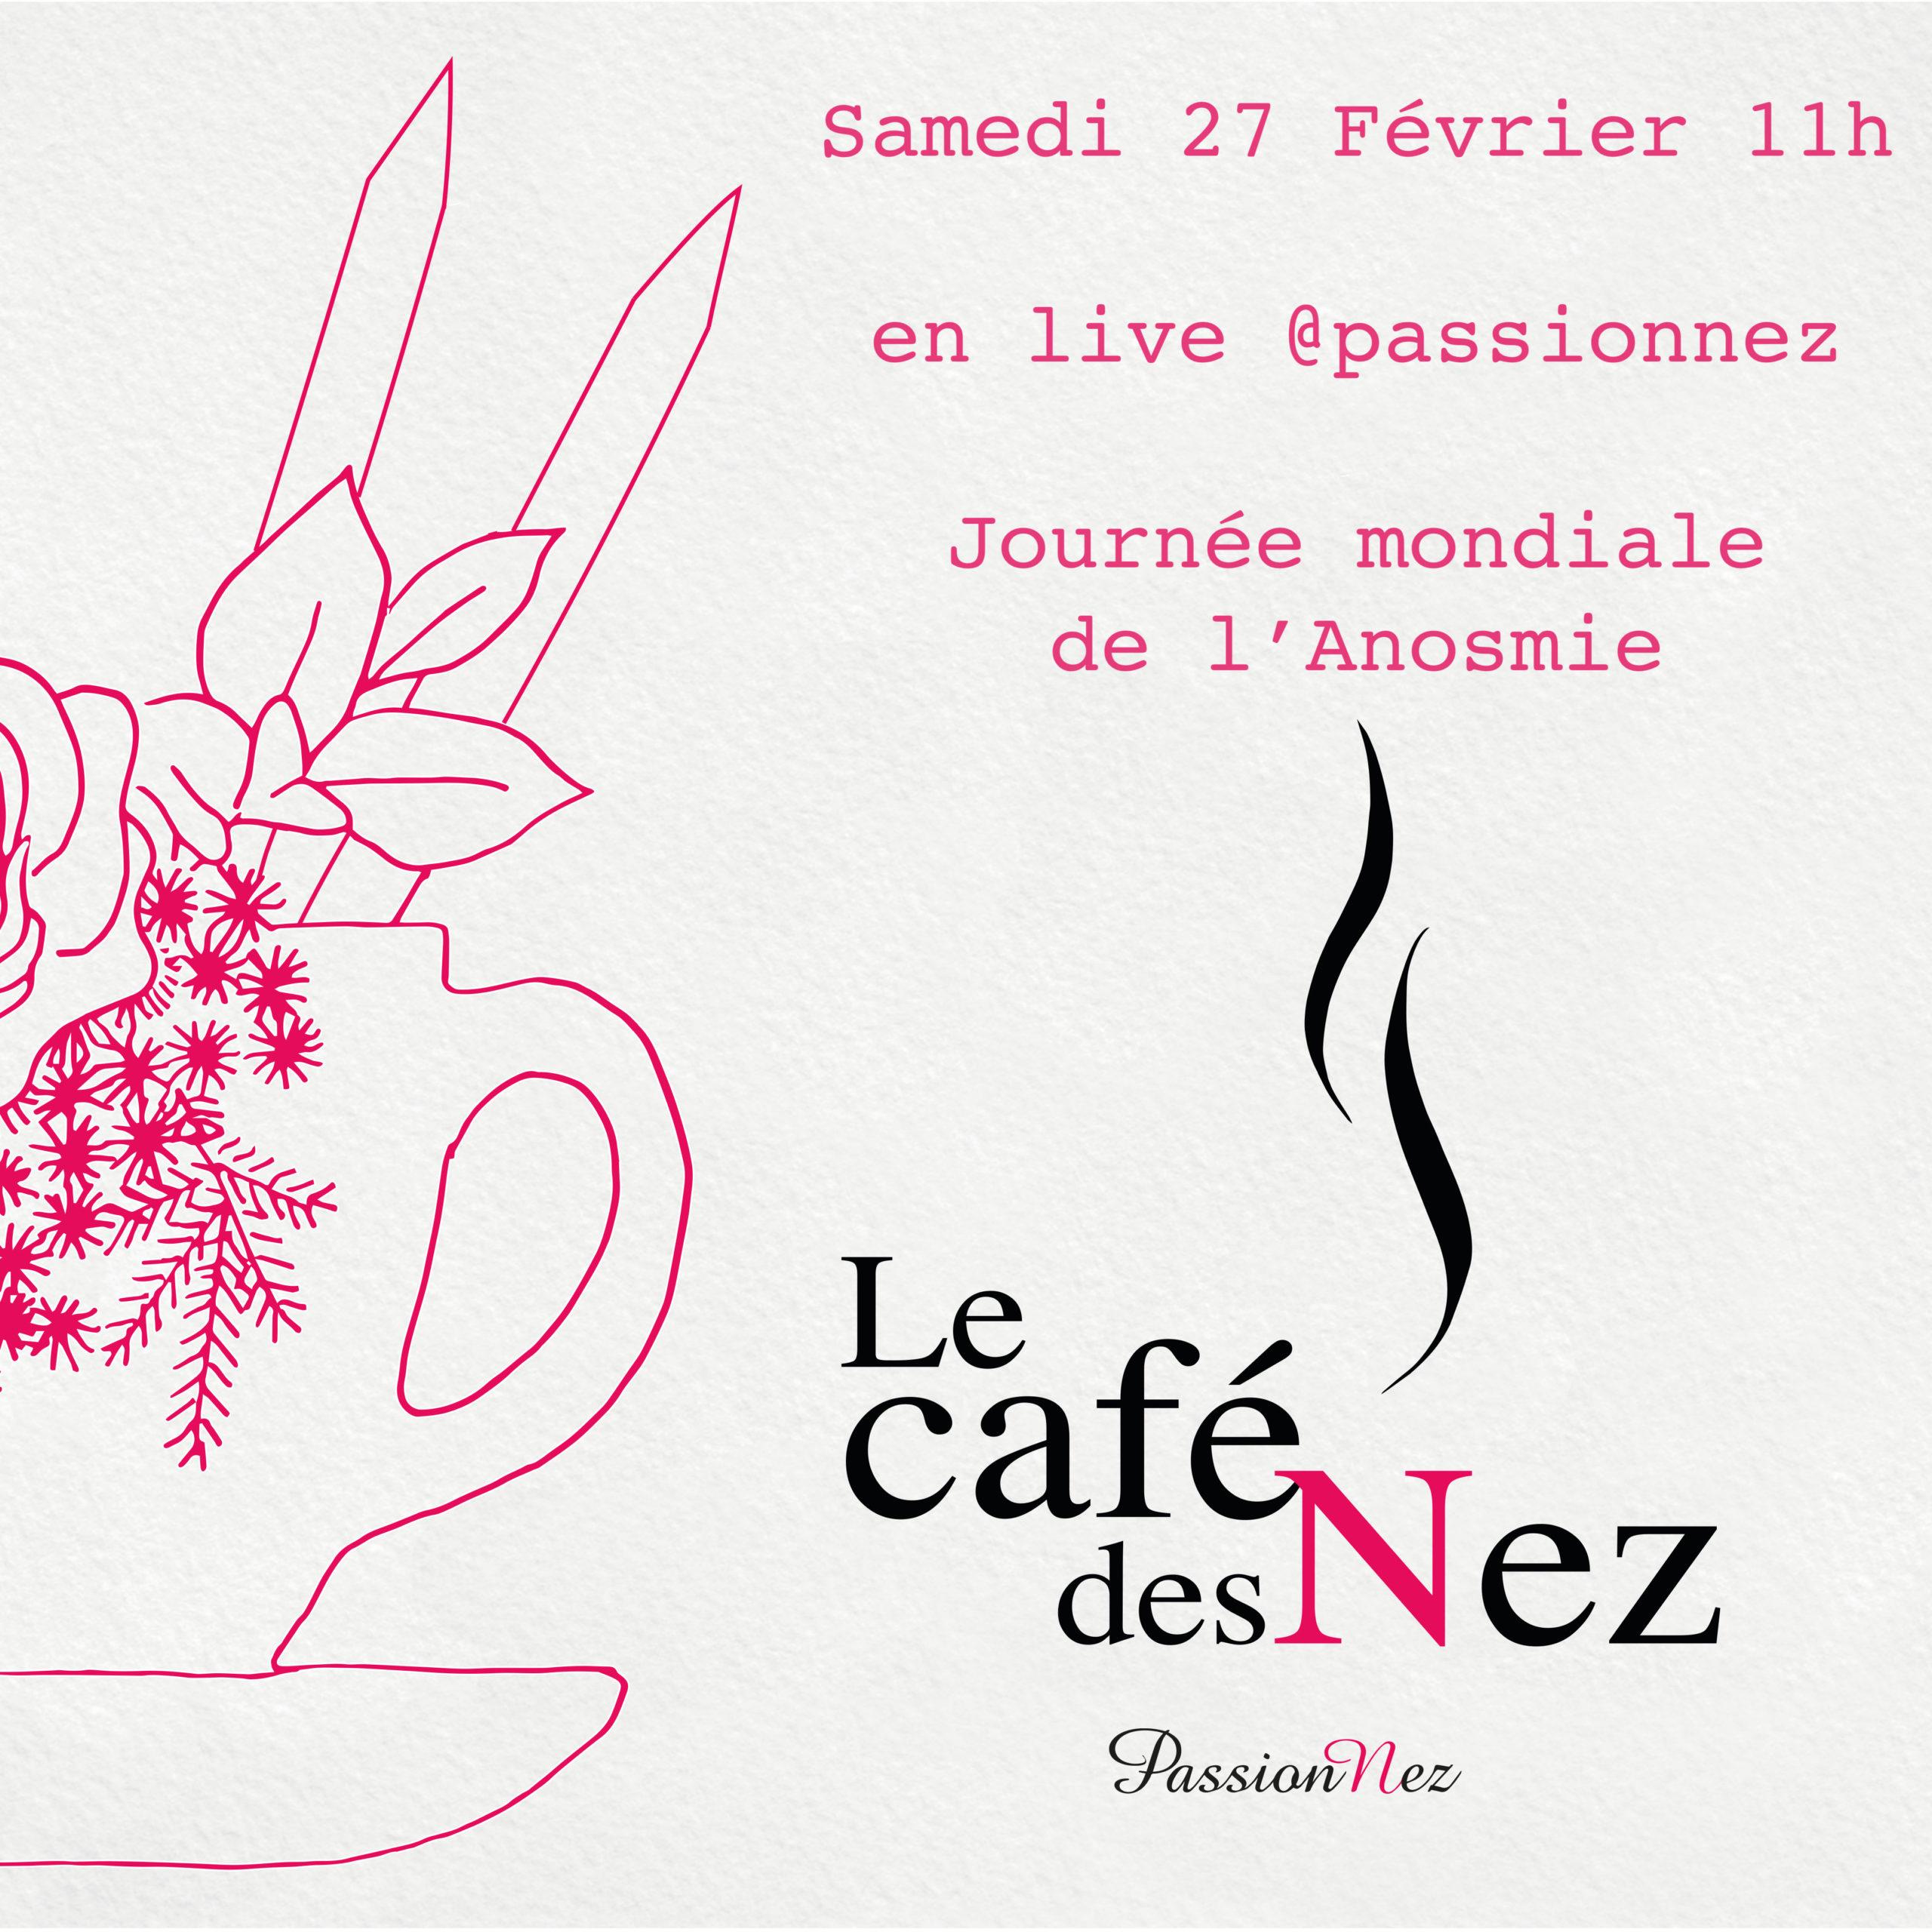 CafeDesNez-CrayonneFuschia-Pour_Inscriptions